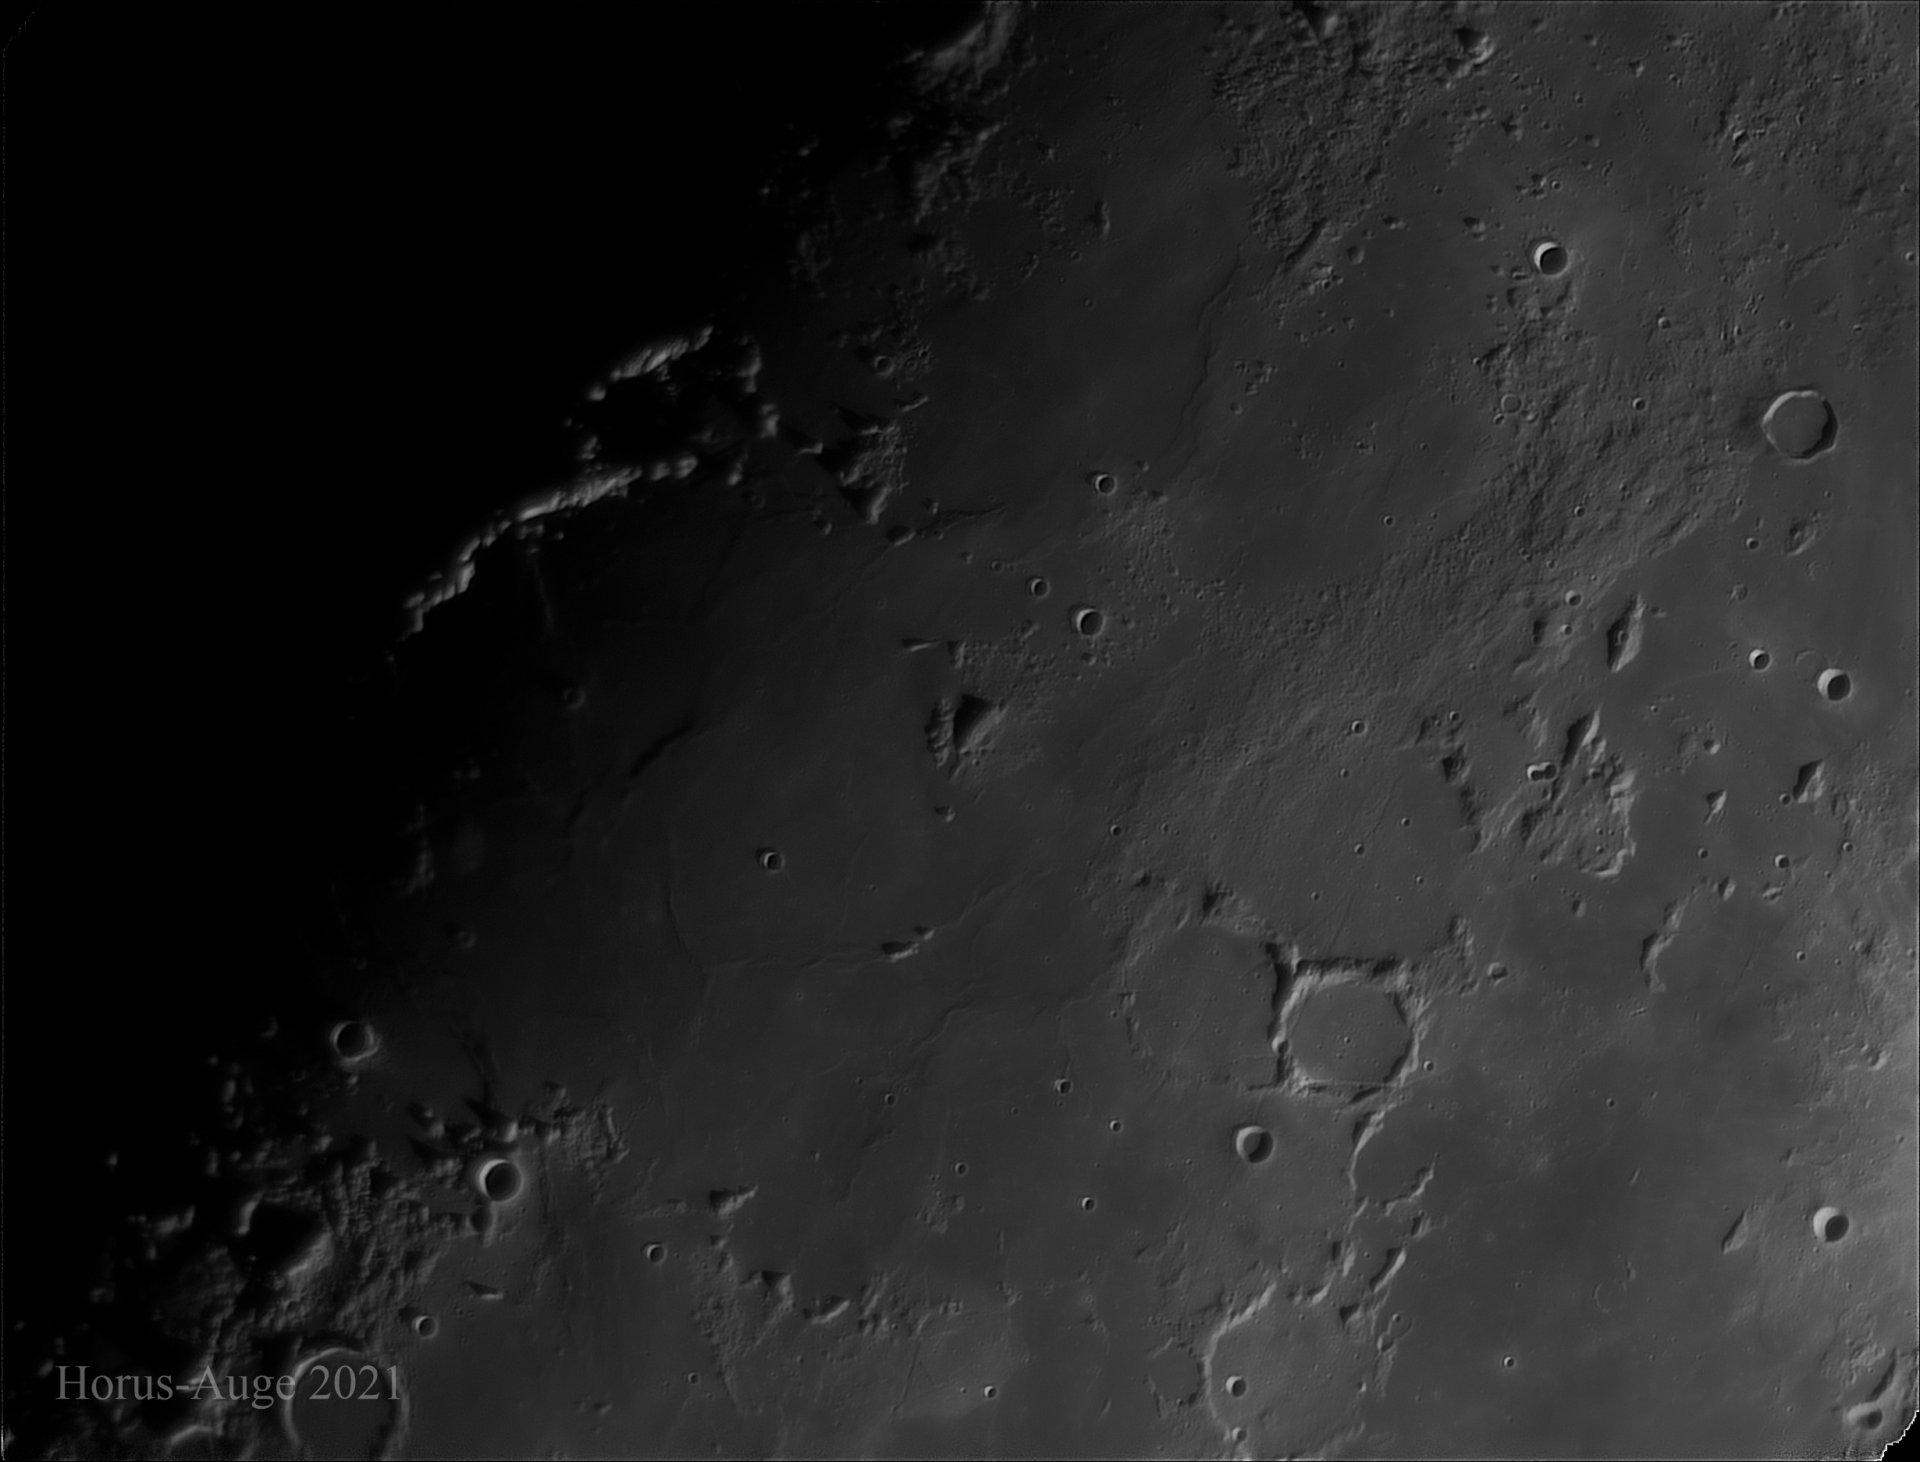 Mond_Apollo 14.jpg